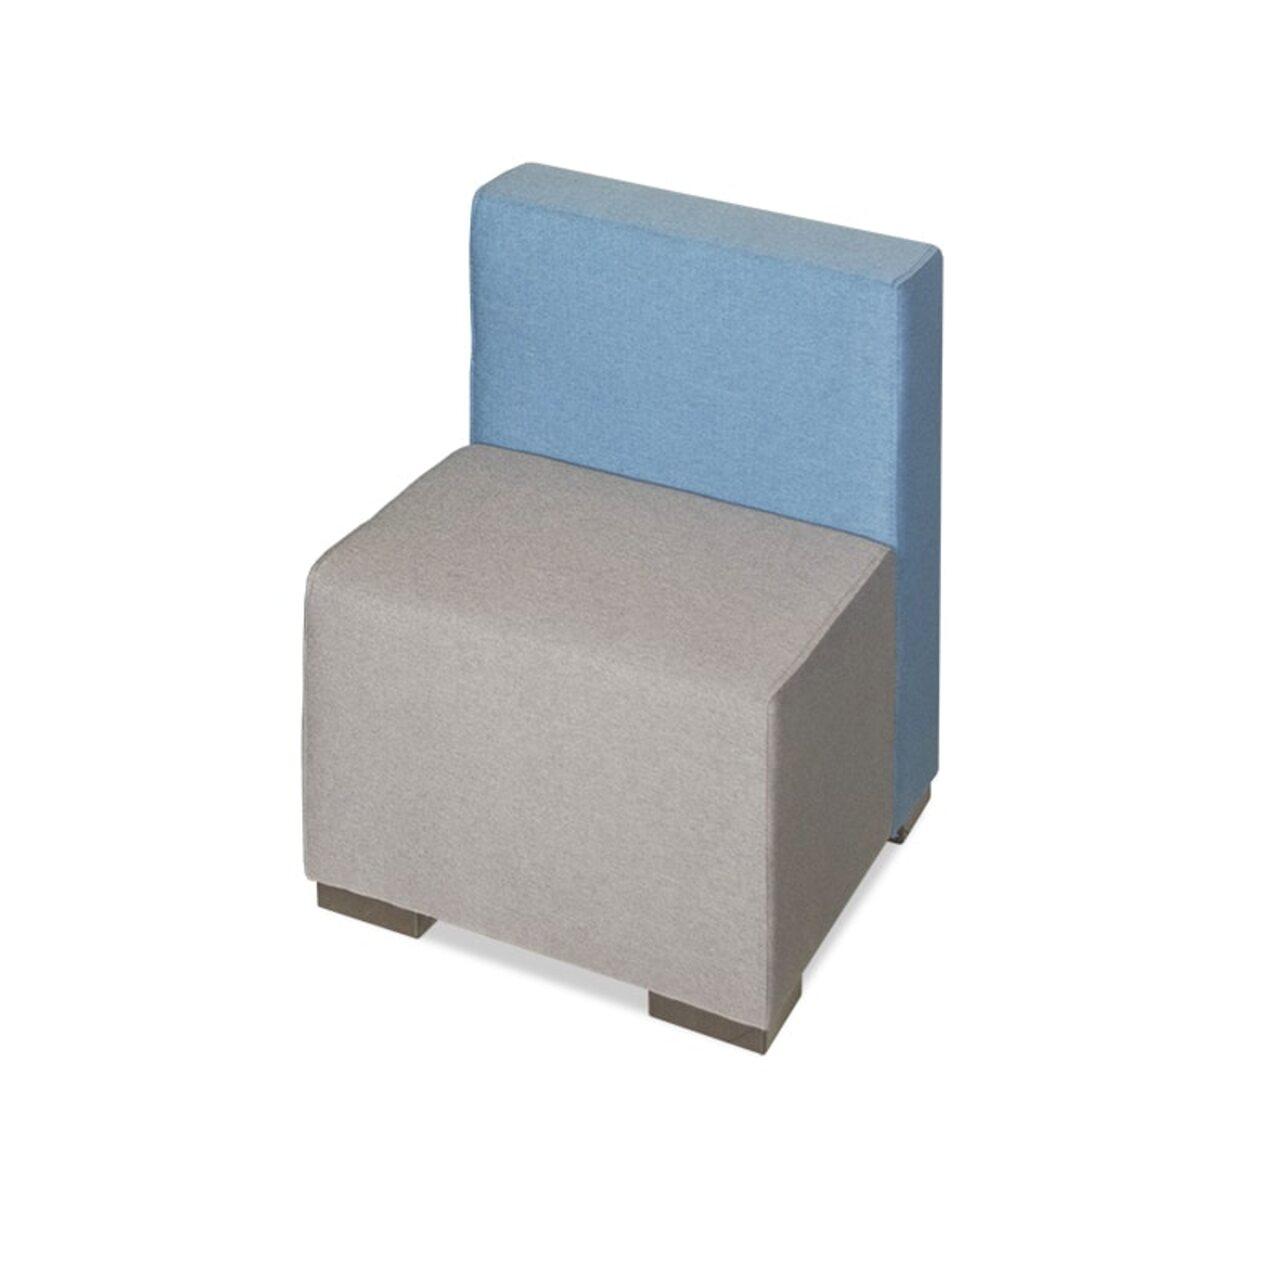 Мягкая офисная мебель Куб - фото 6